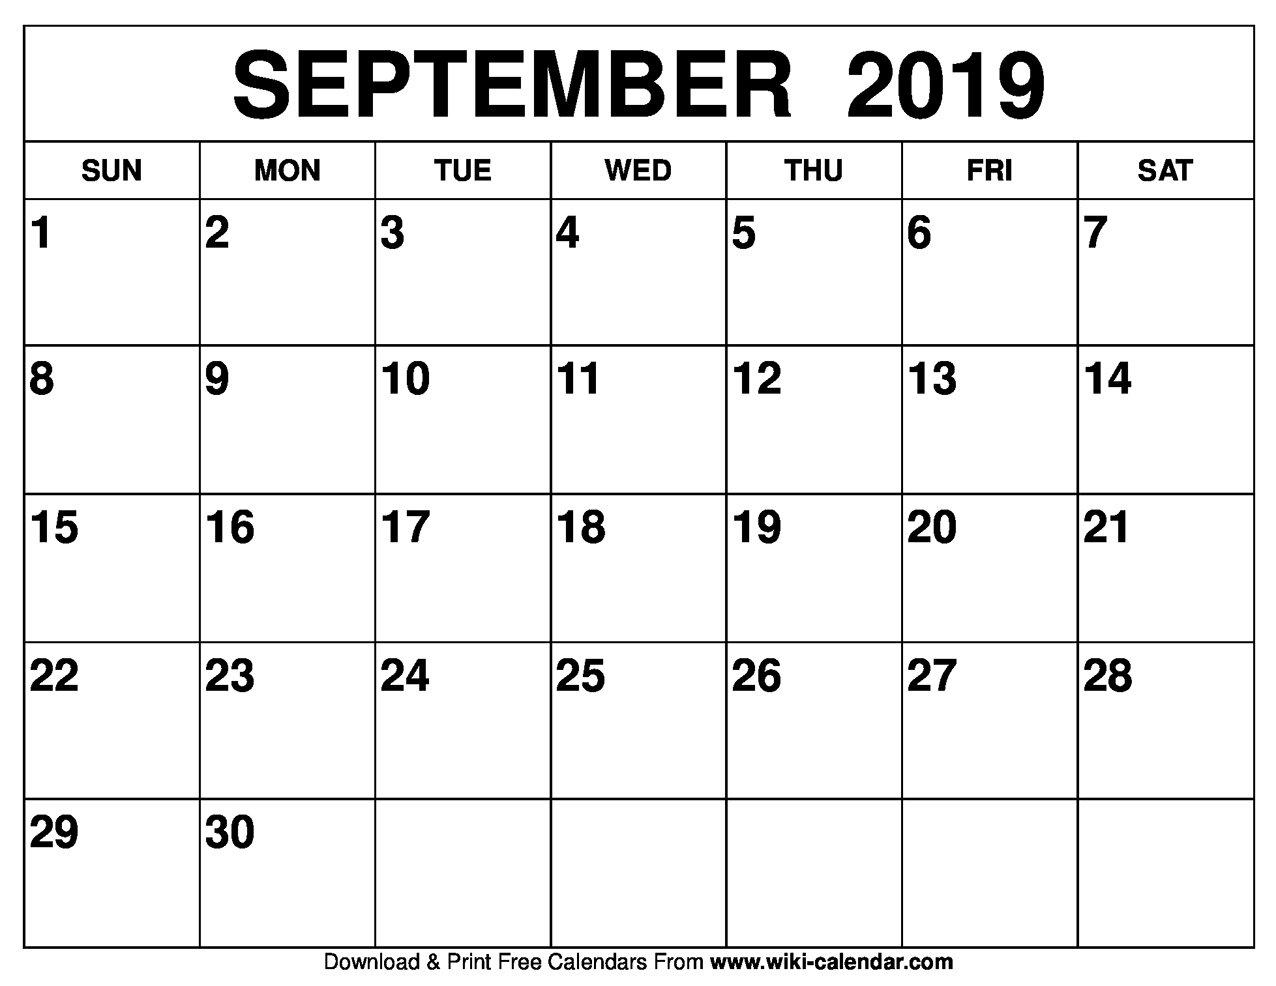 Blank September 2019 Calendar Printable September 7 2019 Calendar